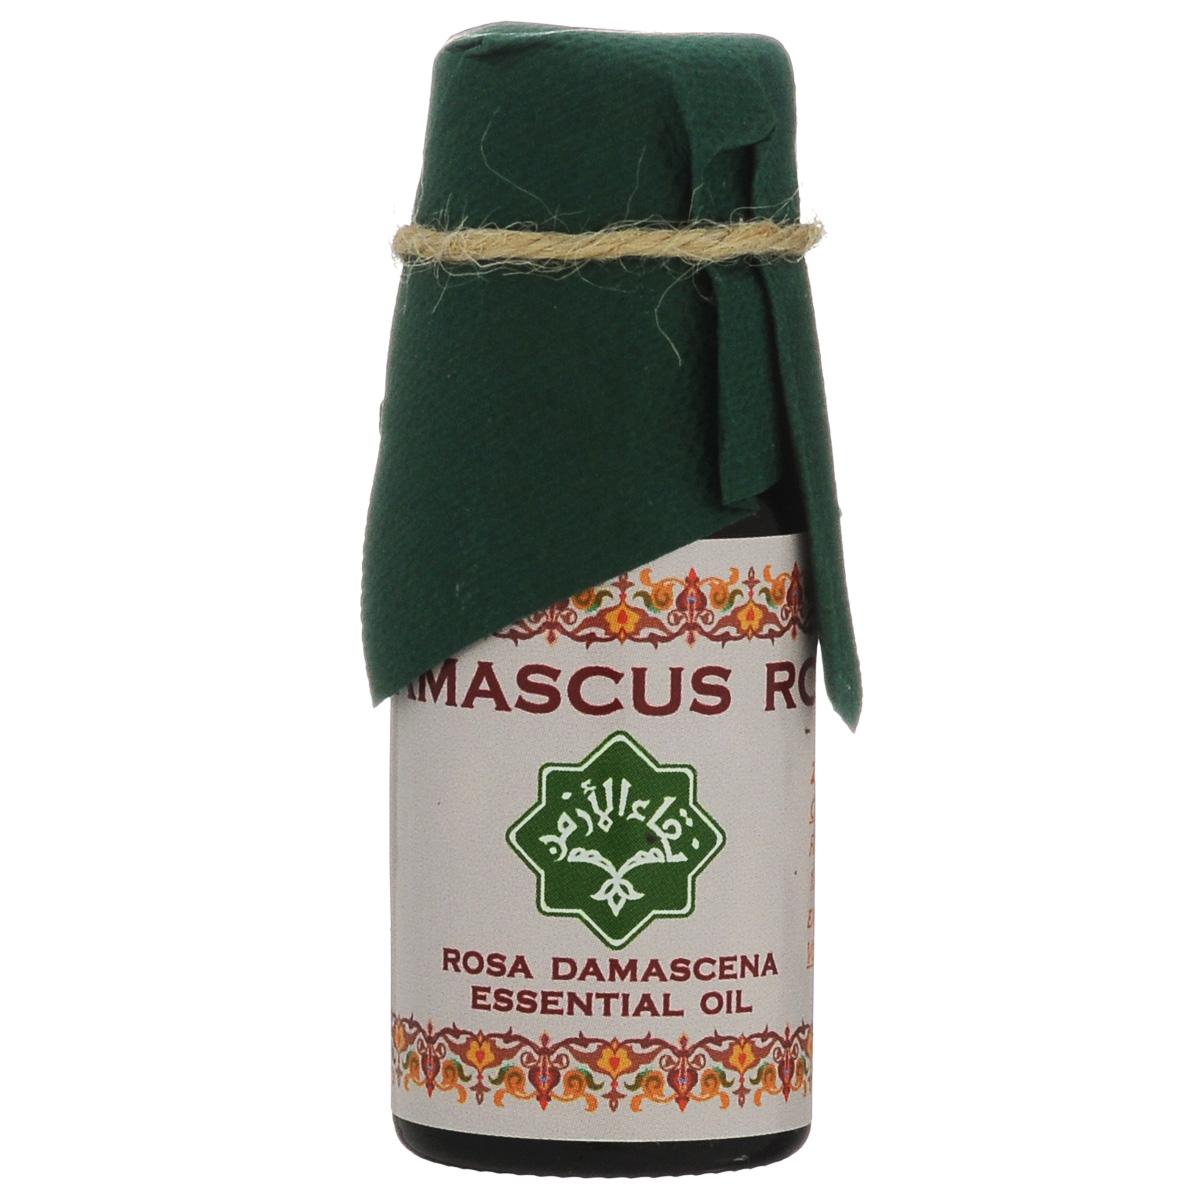 Зейтун Эфирное масло Роза, 10 млZ3646Абсолютно чистое, 100% натуральное эфирное масло Розы Дамасской, произведенное в соответствии со стандартом европейской фармакопеи; по своим качествам и свойствам значительно превосходит дешевые аналоги. Применение в ароматерапии: Эфирное масло розы дамасской успокаивает, особенно в состоянии депрессии, гнева, горя, при приступах ревности. Рассеивает тревогу, снимает нервное напряжение и стресс. Масло, безусловно, в большей степени воздействует на женщин, вселяет в них уверенность в себя, веру в собственные силы и очарование. Розовое масло «смягчает» сердце, внушает терпение и любовь. Косметические свойства: Делает кожу упругой, эластичной, исчезают морщины. Эфирное масло розы дамасской особенно хорошо воздействует на сухую кожу, устраняет шелушение и раздражение. Омолаживает, придает ровный, красивый цвет. Рассасывает небольшие шрамы и расправляет морщины. Тонизирующие и смягчающие свойства помогают при воспалении, а способность сужать капилляры позволяет использовать...